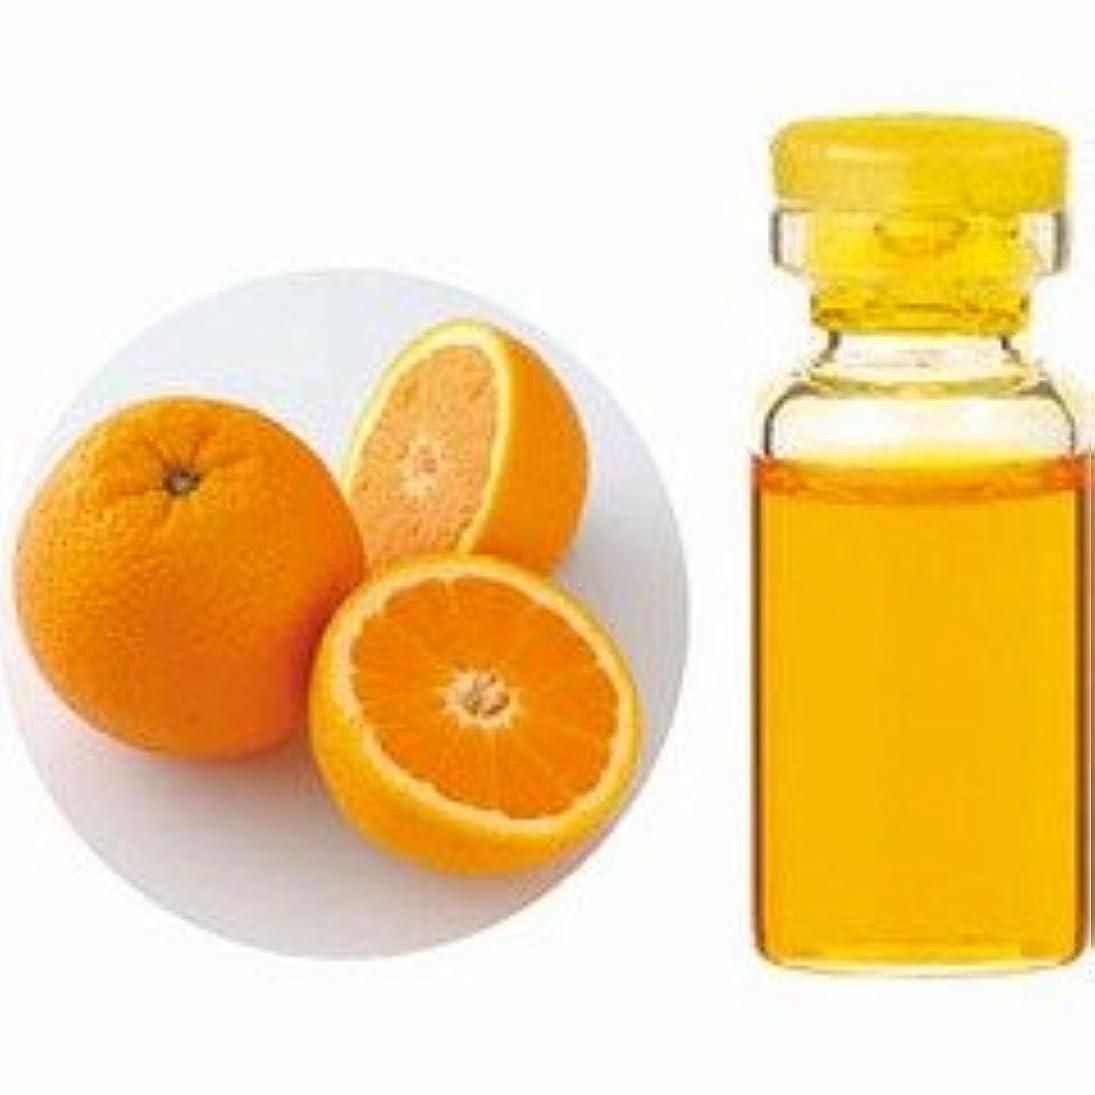 薬局応答キャプションエッセンシャルオイル(精油) オレンジスイート 10ml 【生活の木】